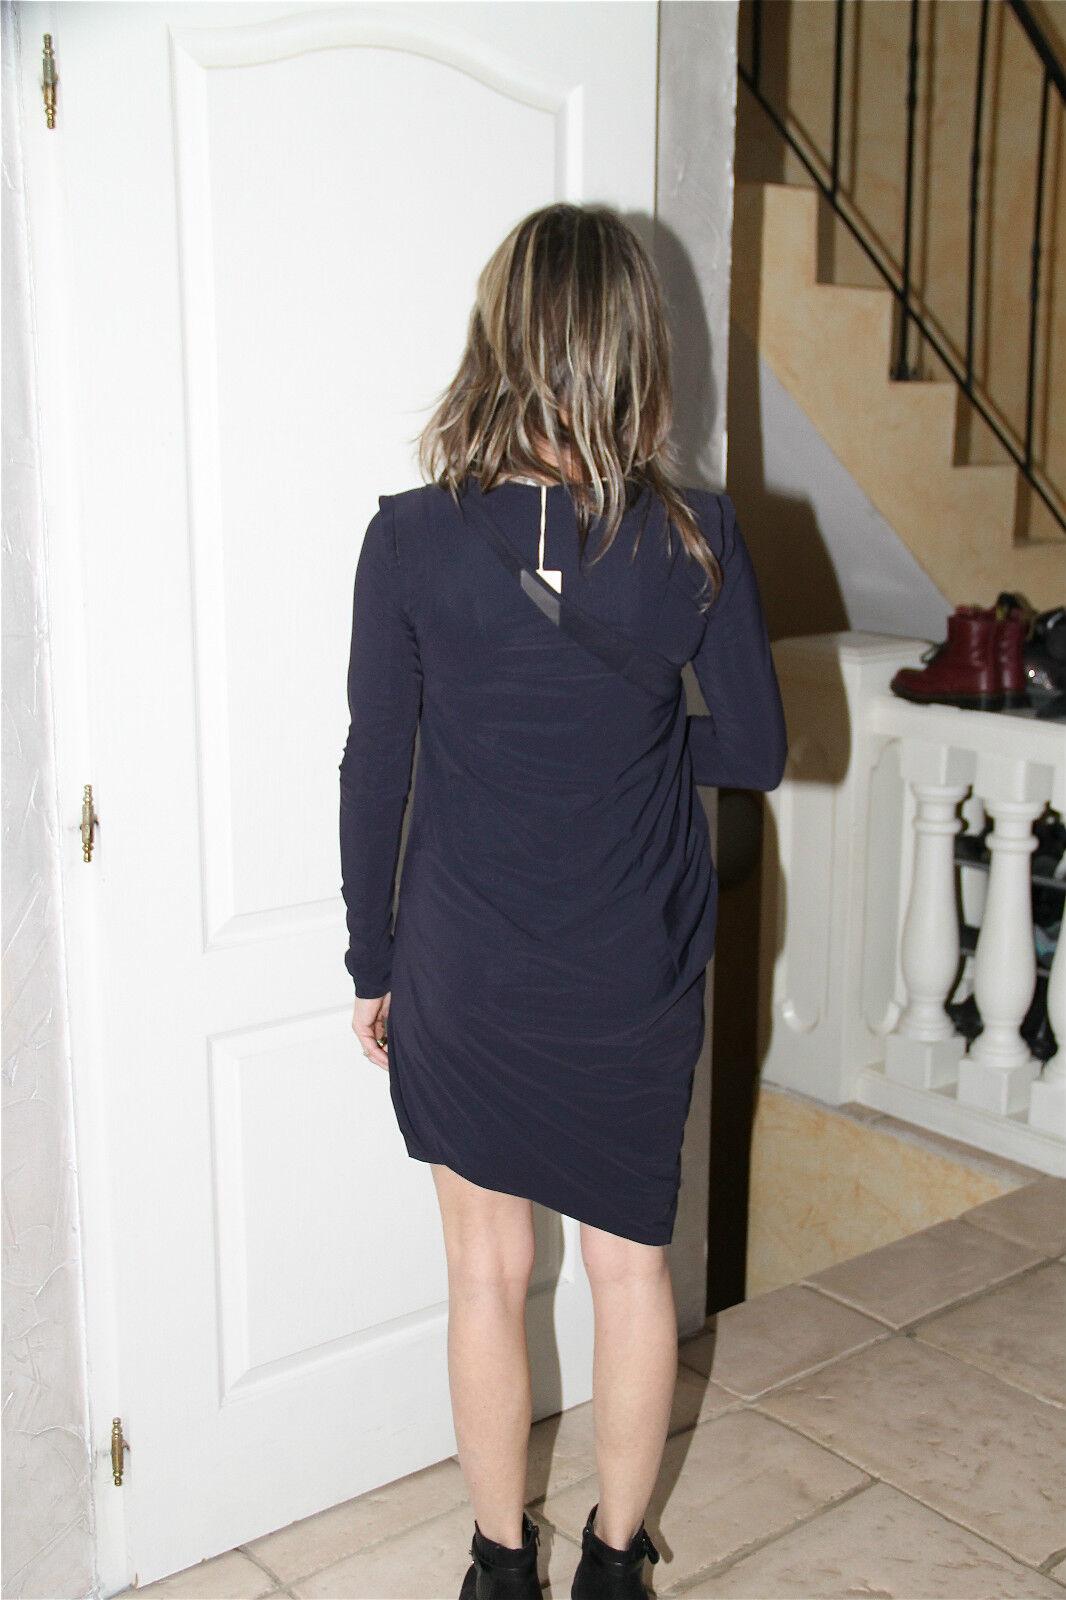 Dress robe blacke superposée M M M FRANCOIS GIRBAUD wrapperess T 40   NEUVE ÉTIQUETTE 9c25e9